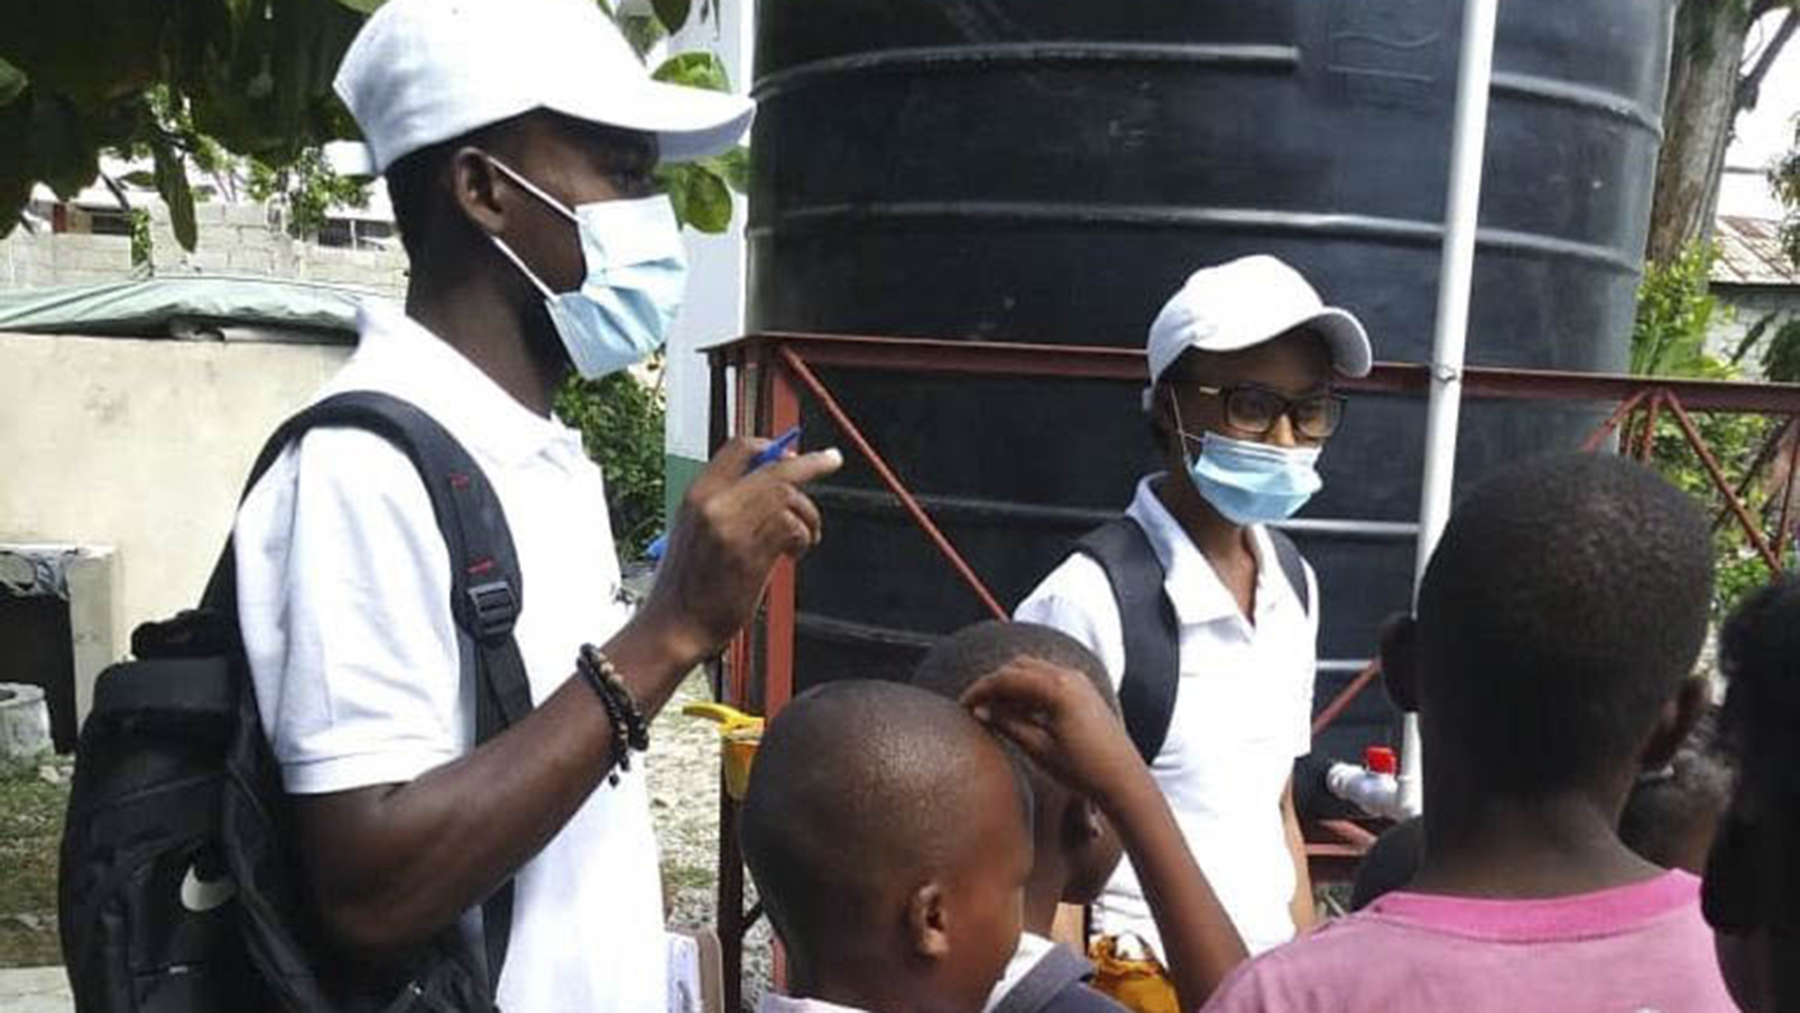 GHESKIO staff work with children in a displacement camp. (Photo courtesy of GHESKIO)